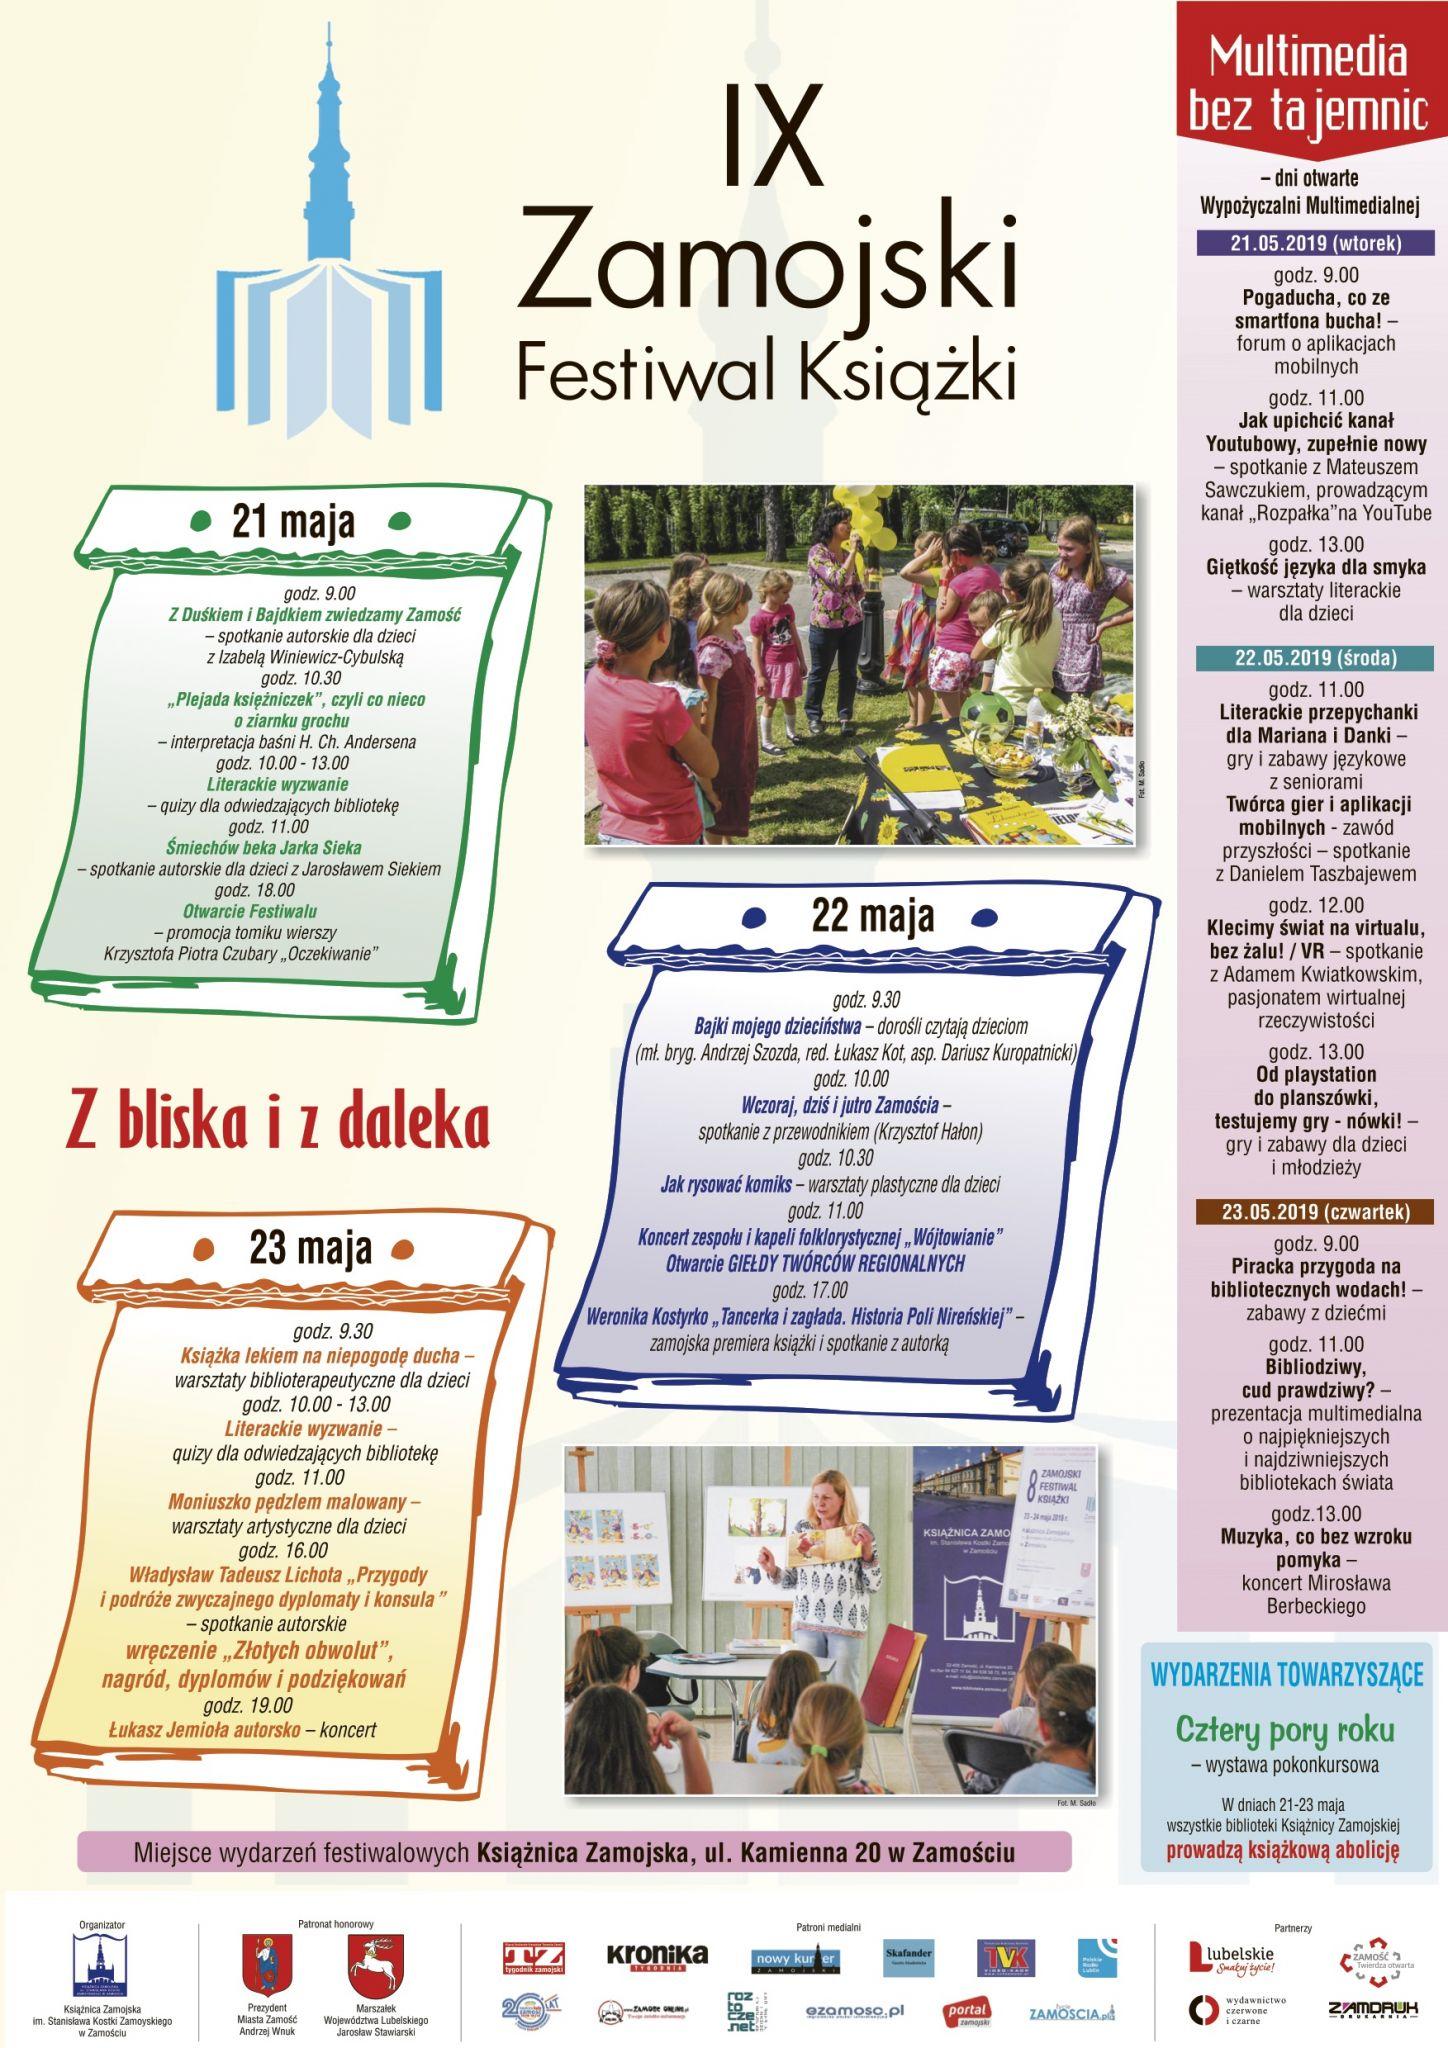 plakat zfk 04 Bogaty program Zamojskiego Festiwalu Książki